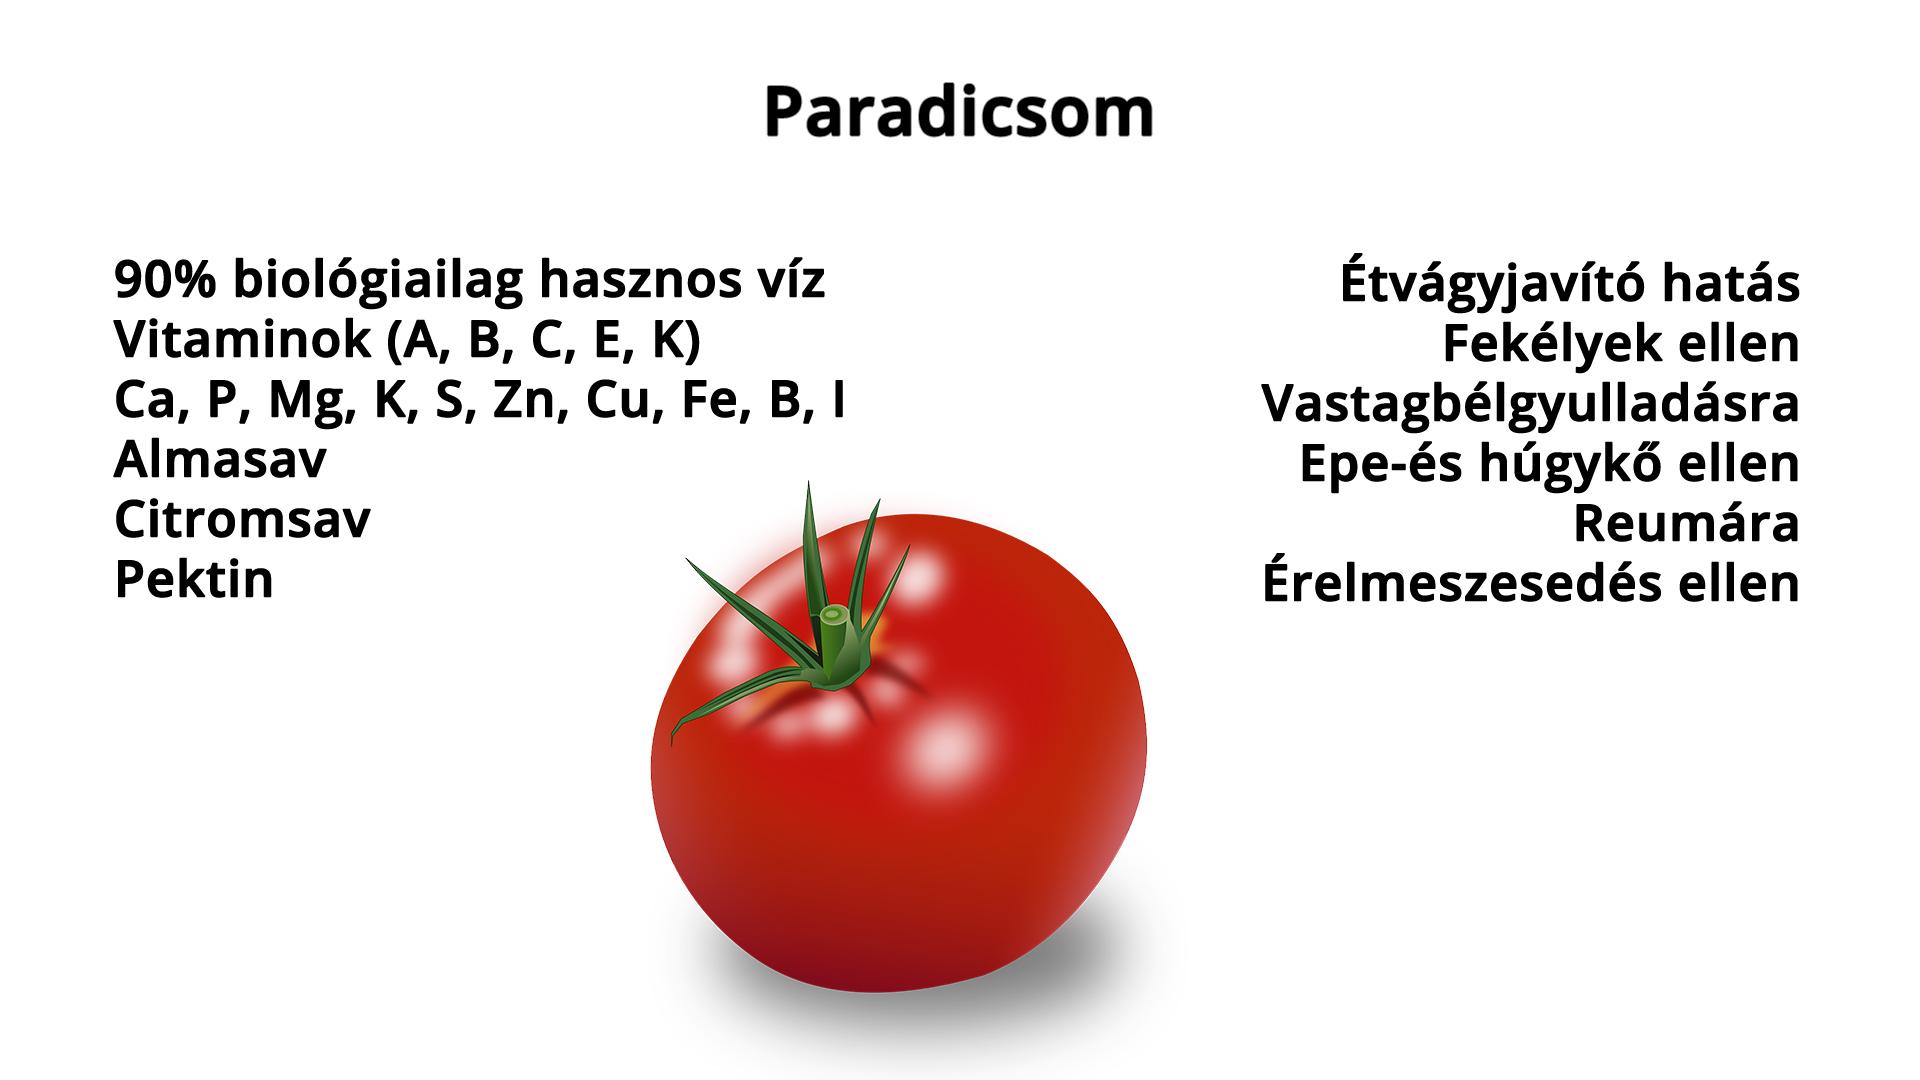 paradicsom.jpg